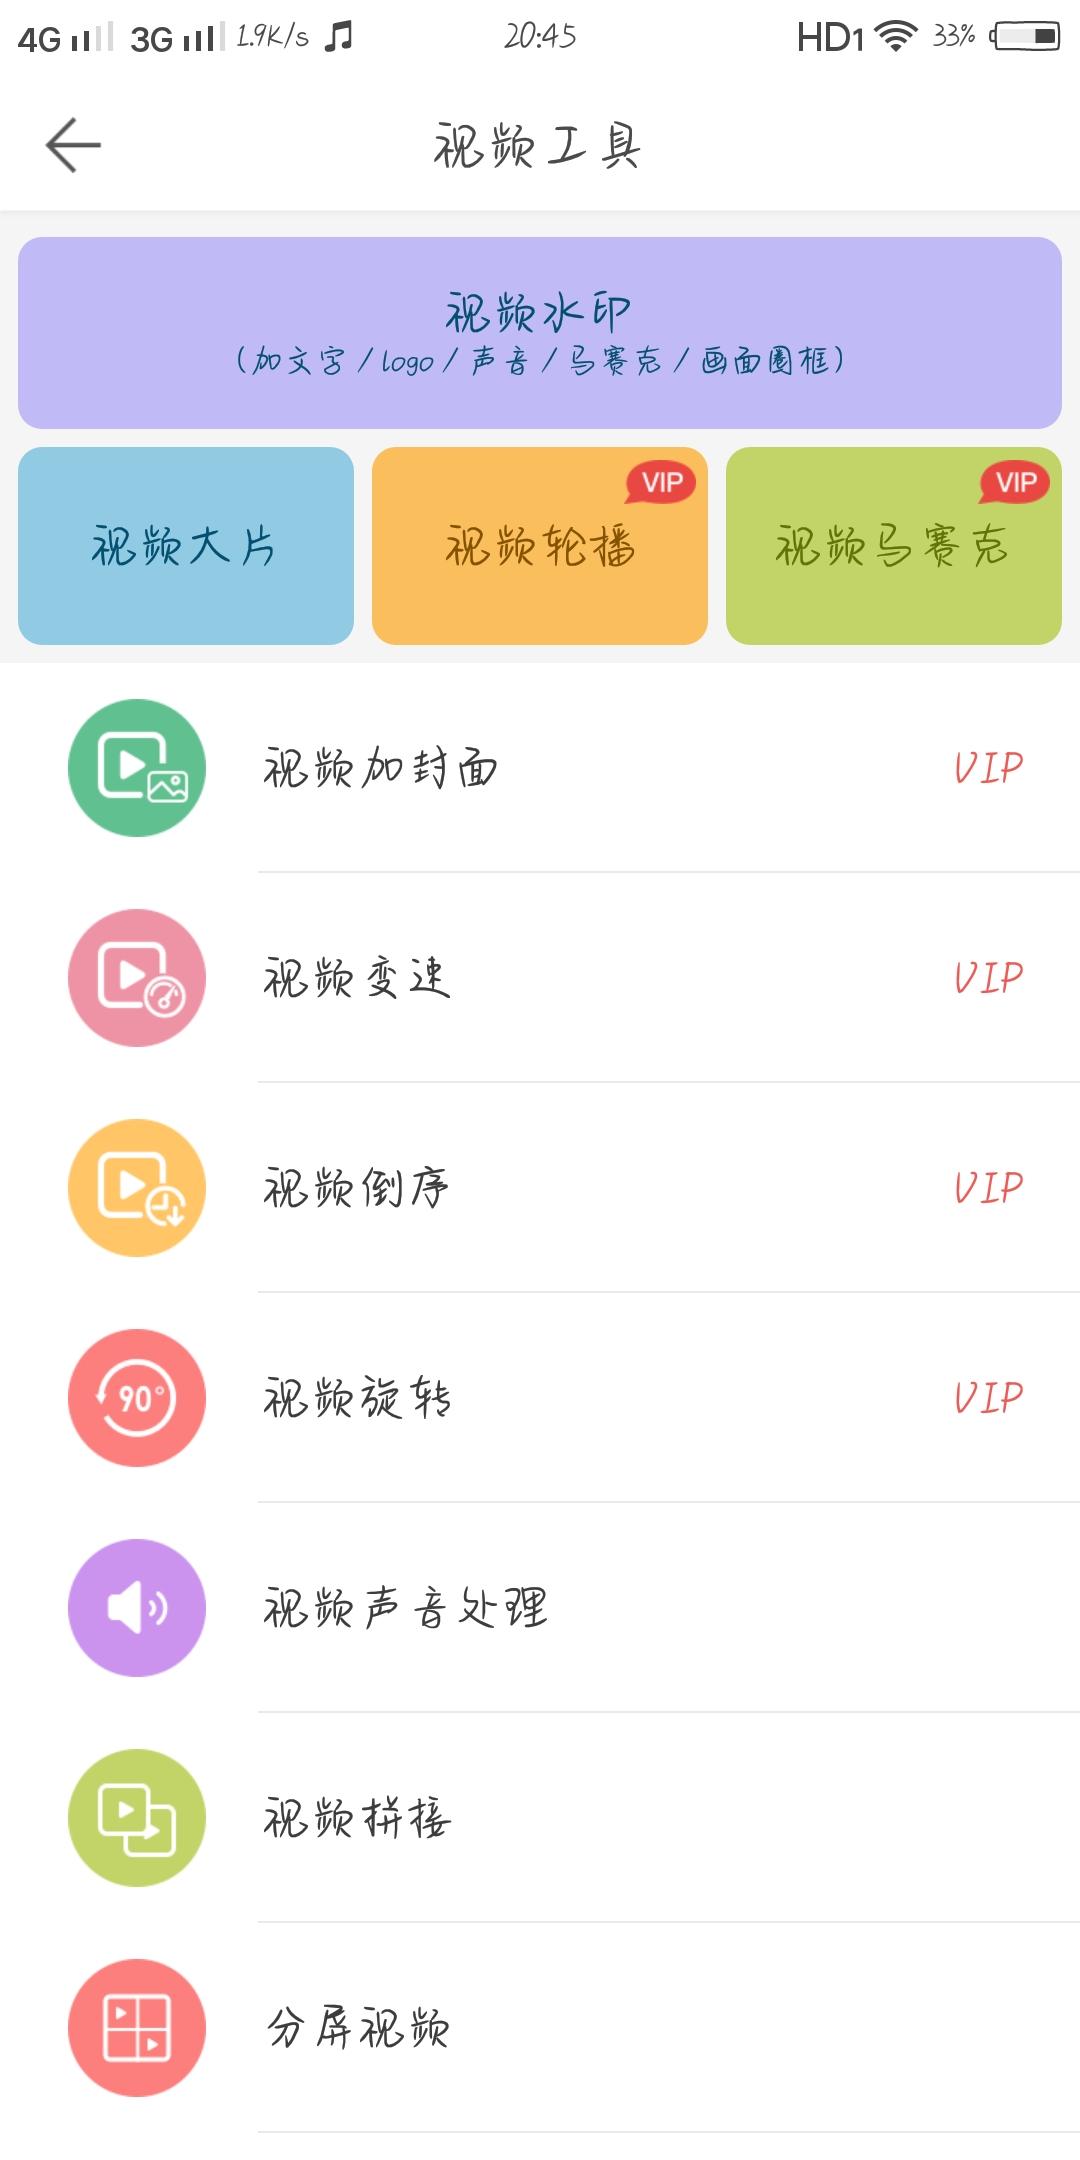 Screenshot_20181206_204525.jpg